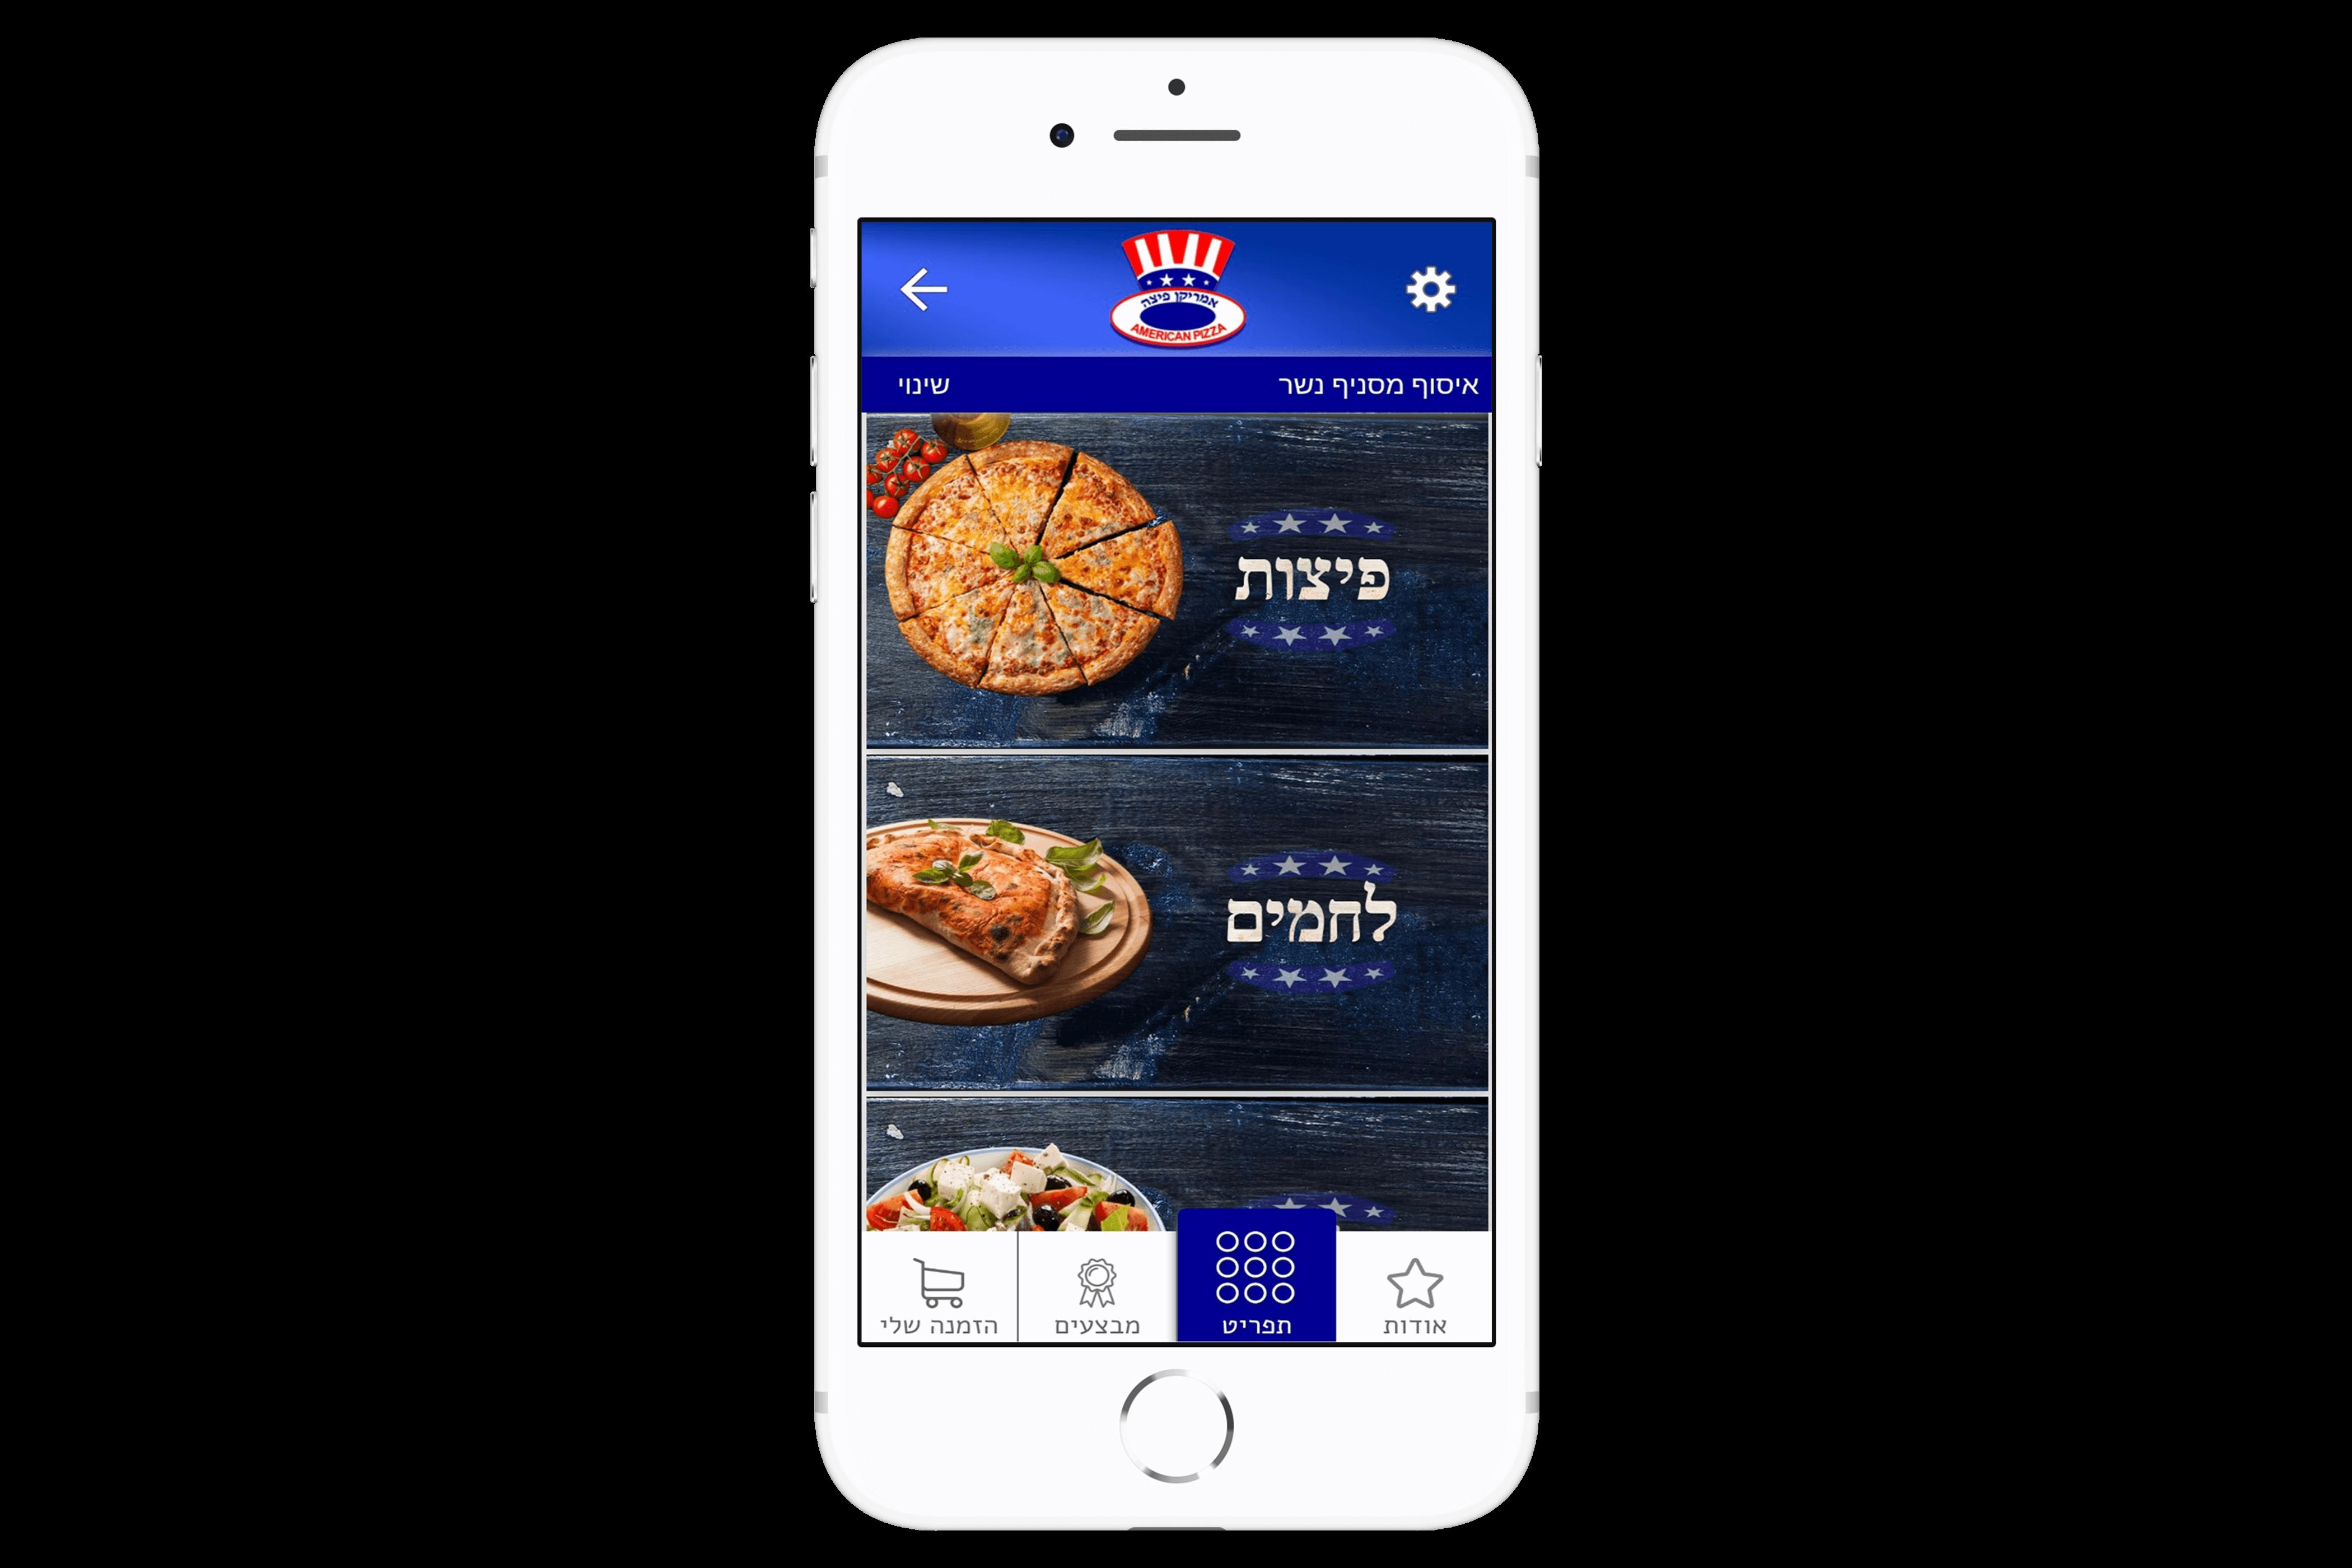 אפליקציית הזמנות של אמריקן פיצה מבין הלקוחות שלנו